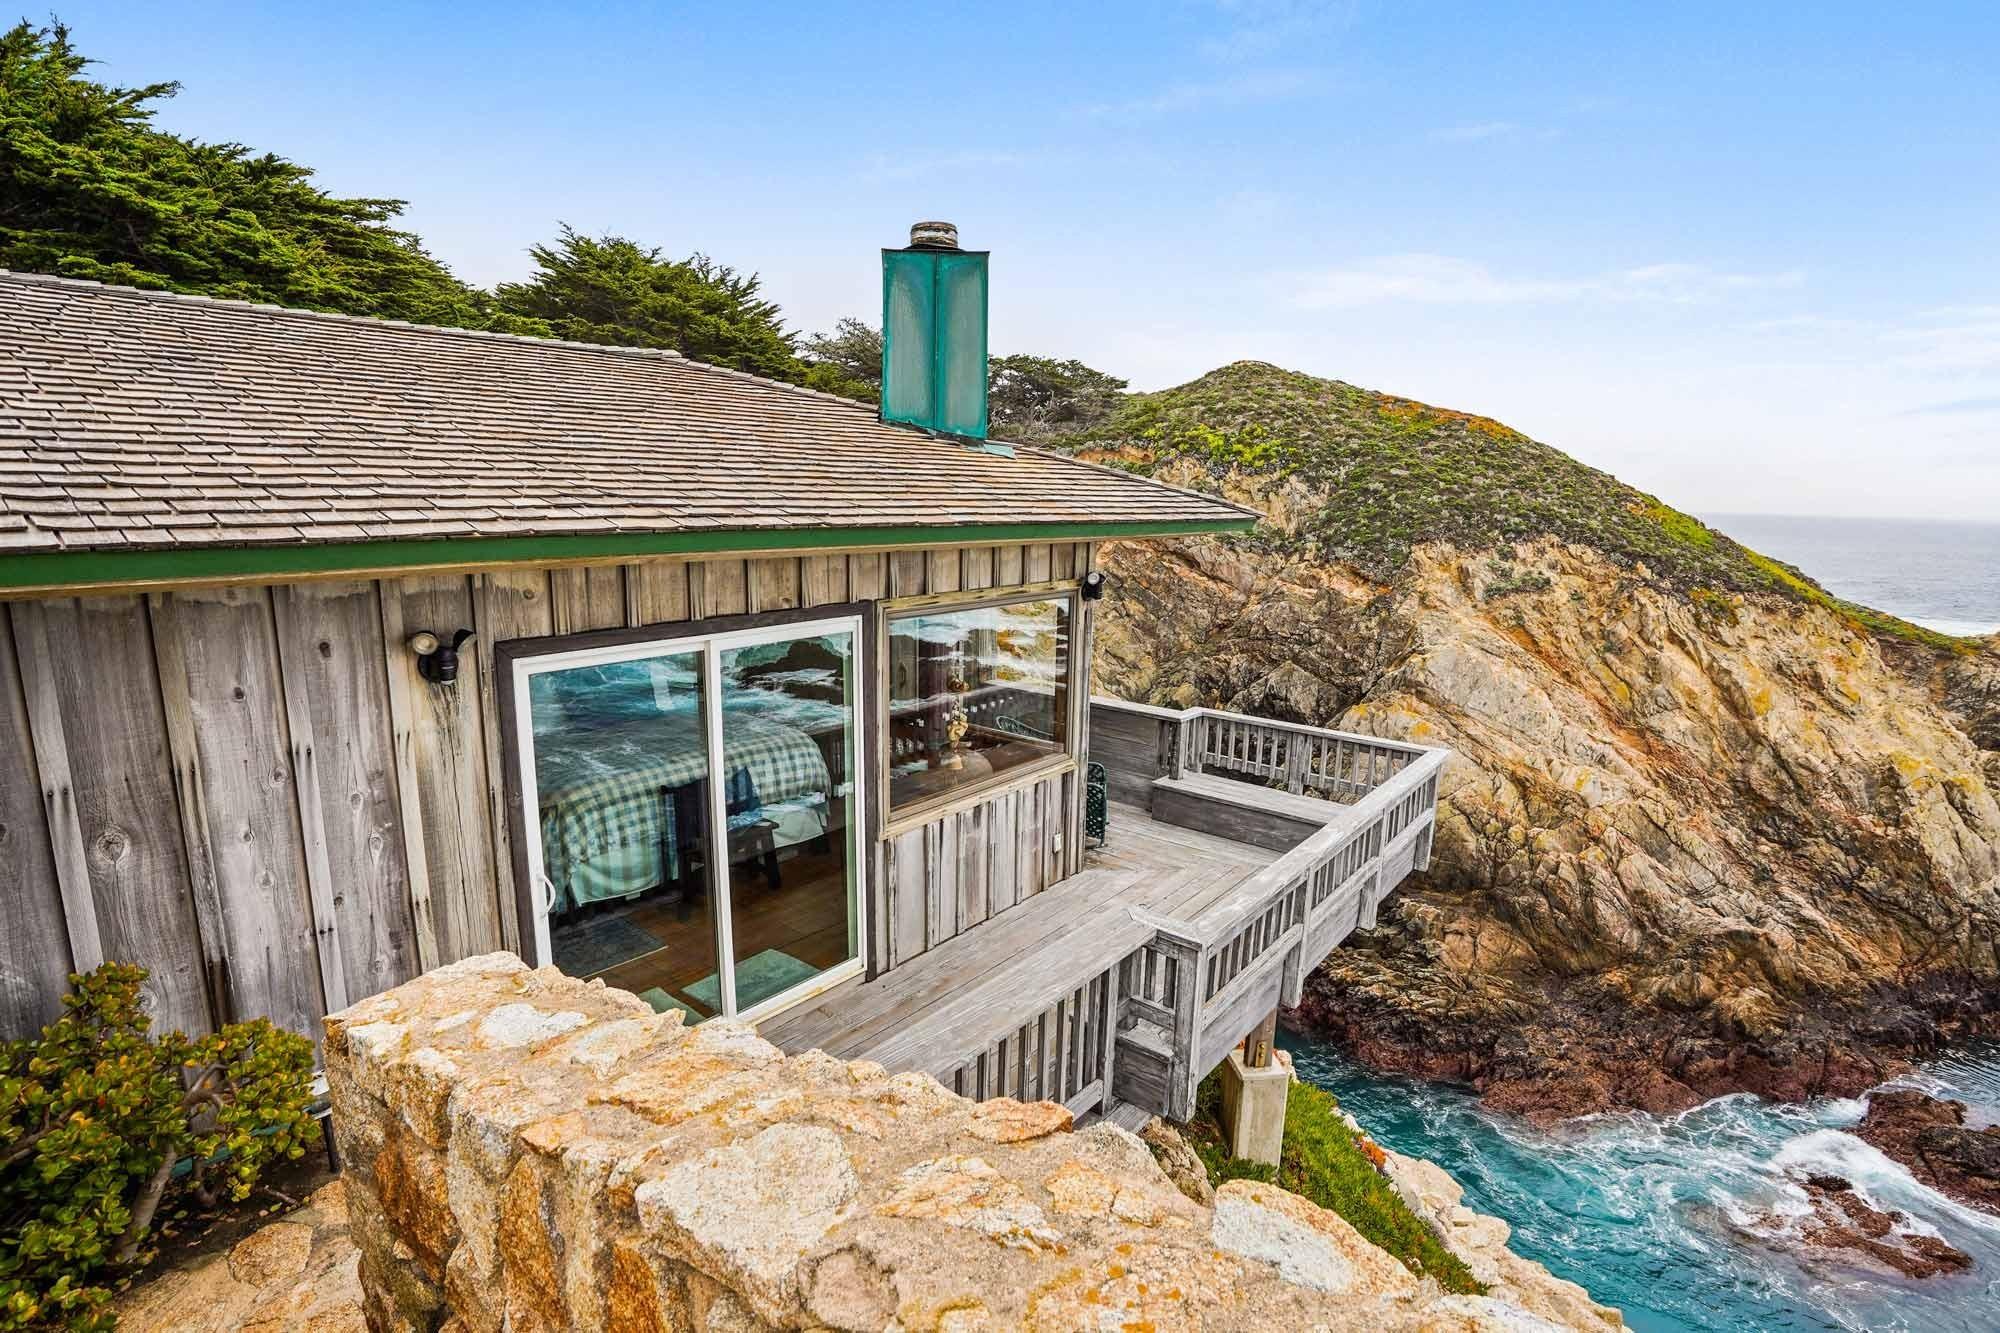 Balkon Klippenhaus in der Stadt Carmel in Kalifornien